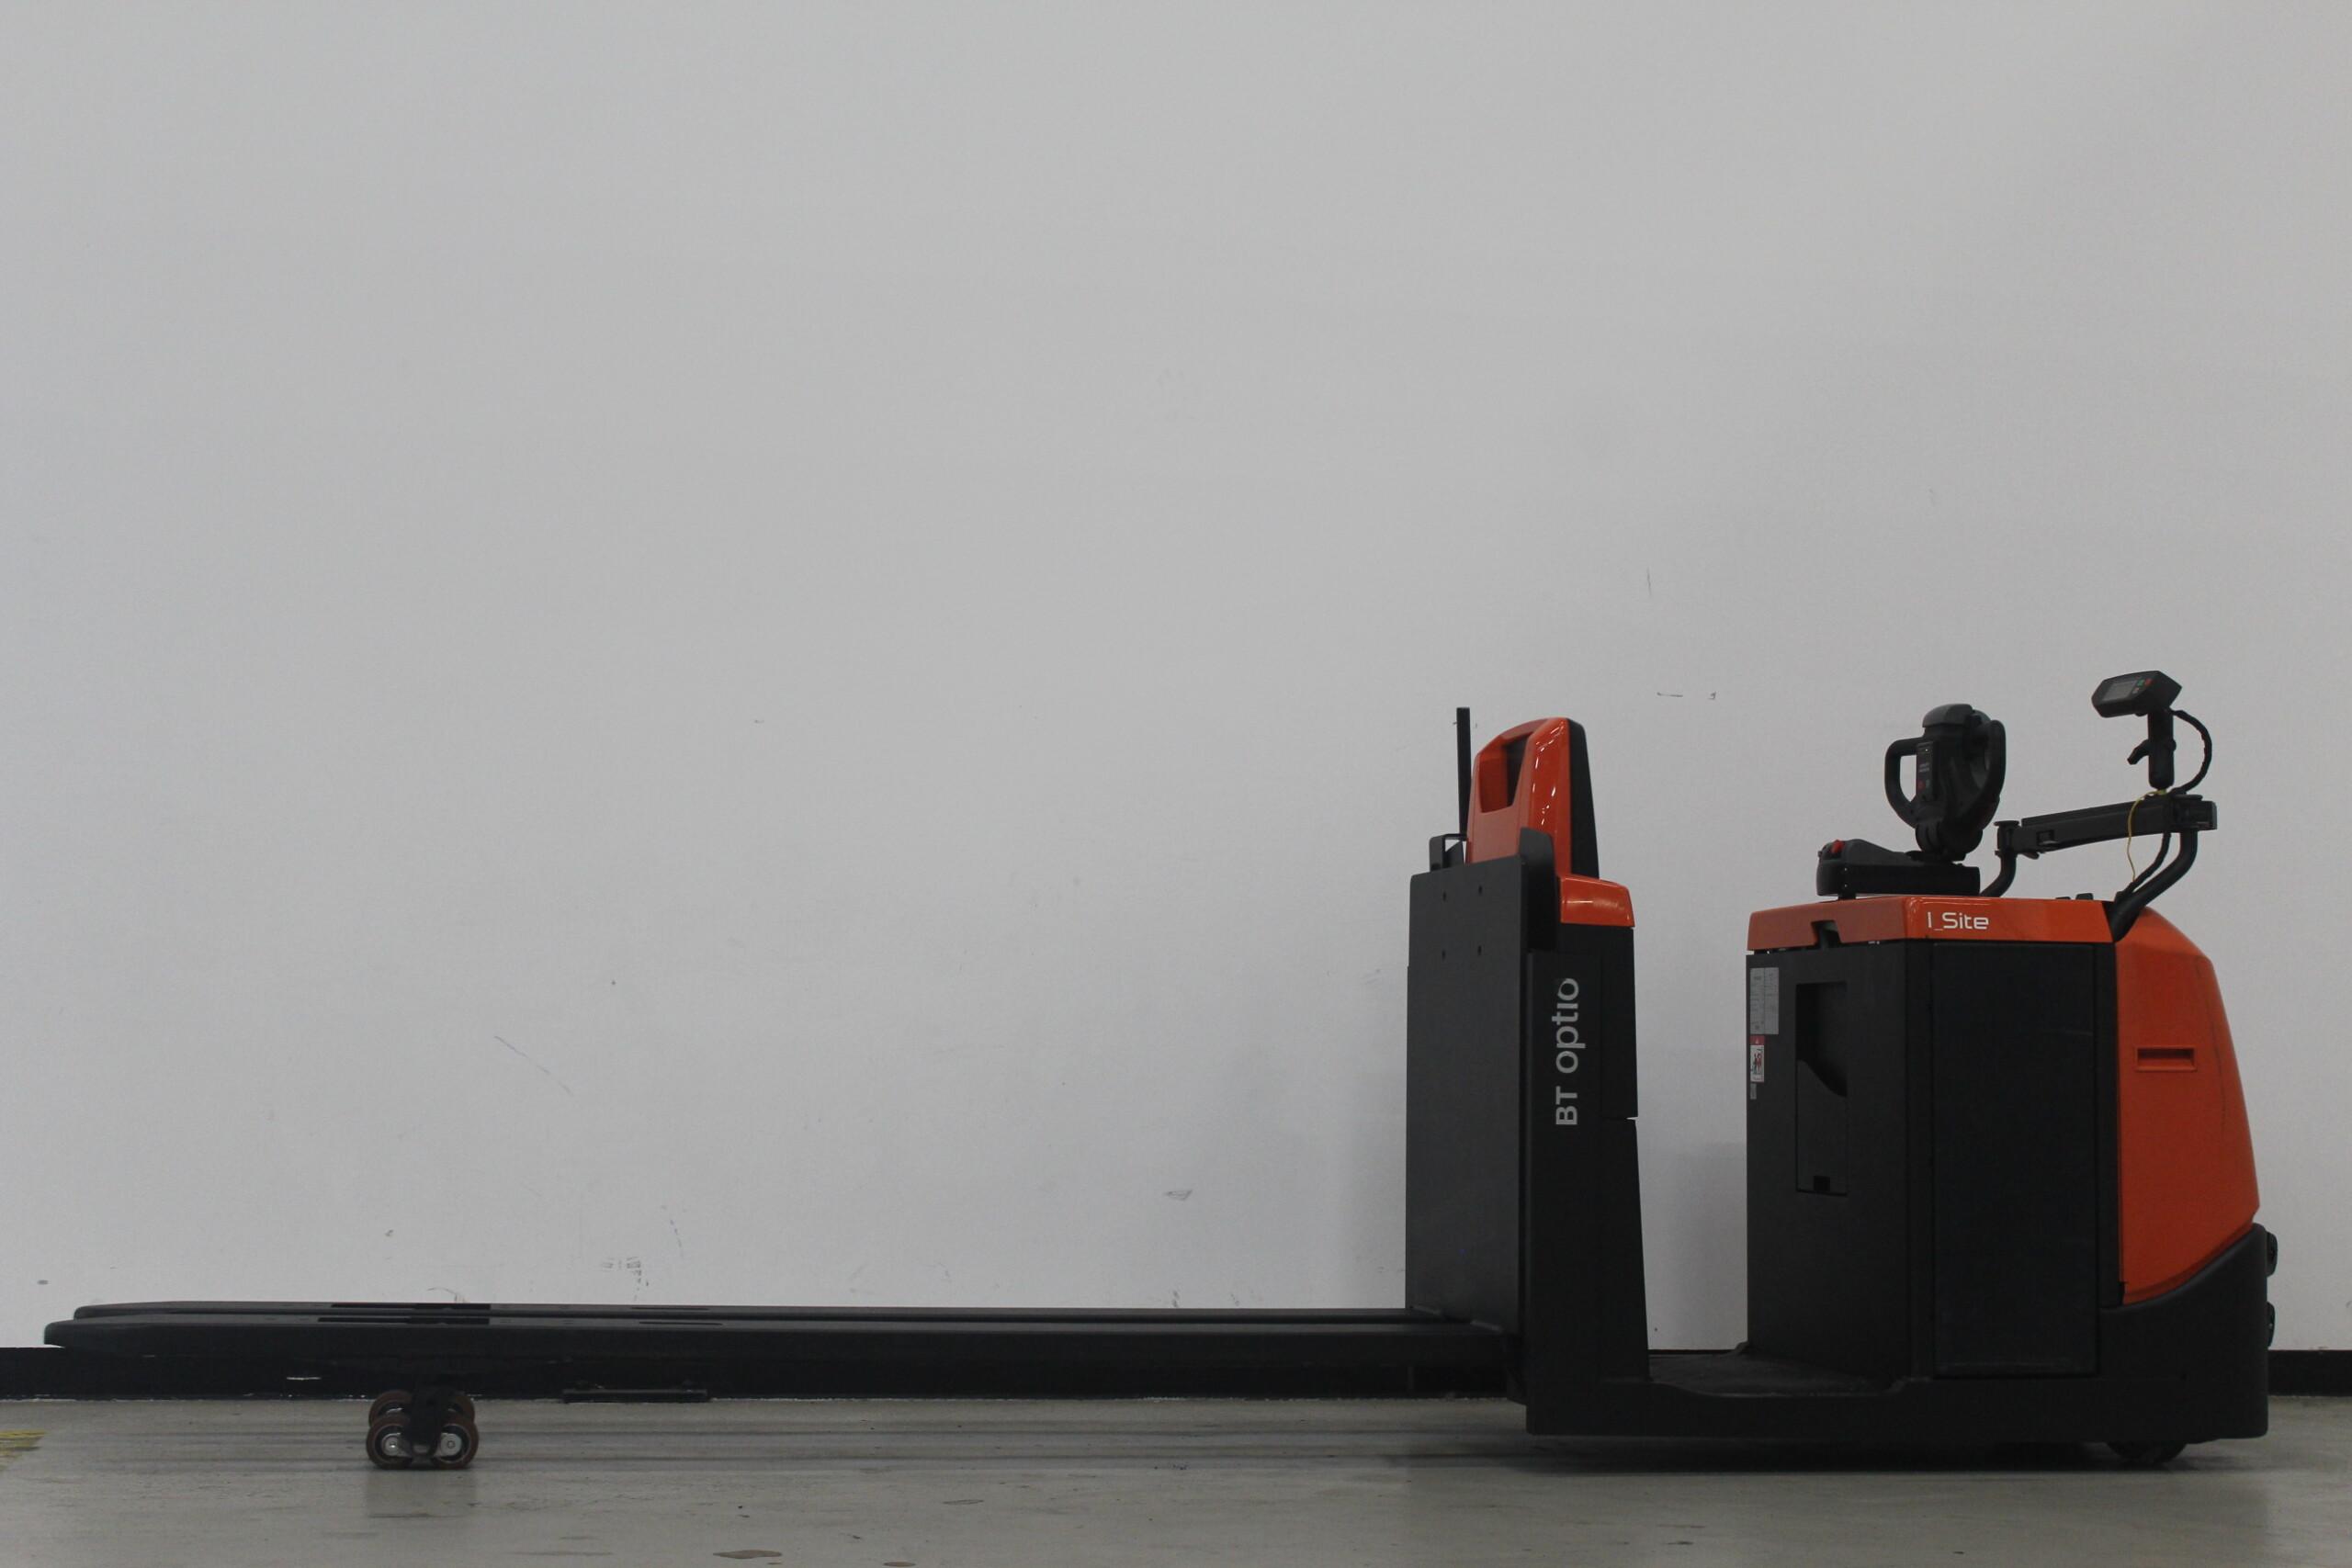 Toyota-Gabelstapler-59840 1811034198 1 8 scaled